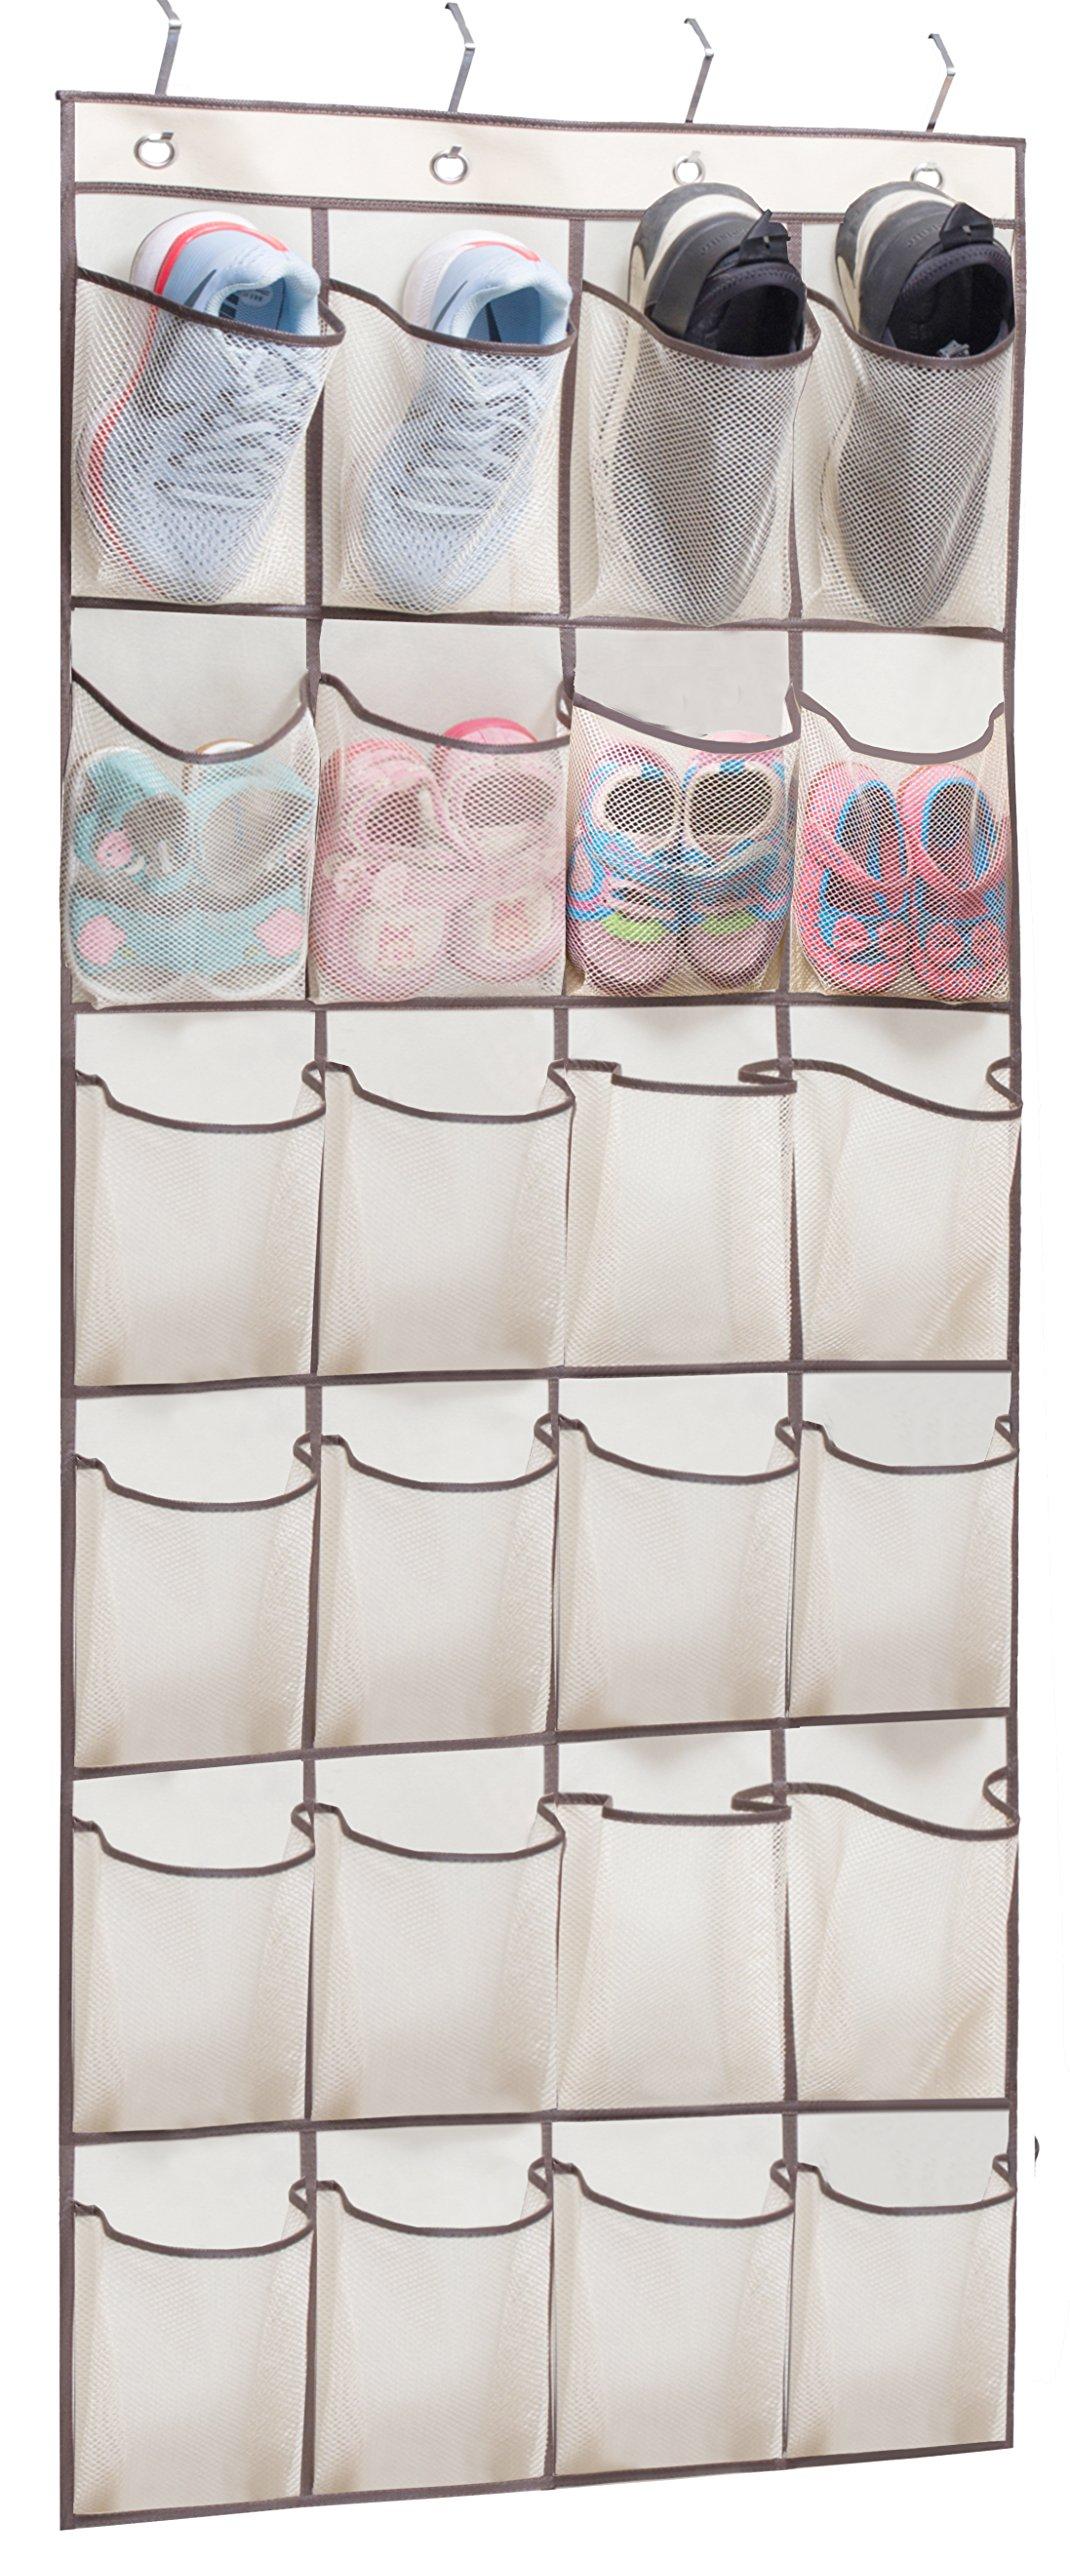 KIMBORA Over The Door Hanging Shoe Organizer 24 Large Clear Mesh Pockets Shoe Hanger, Beige